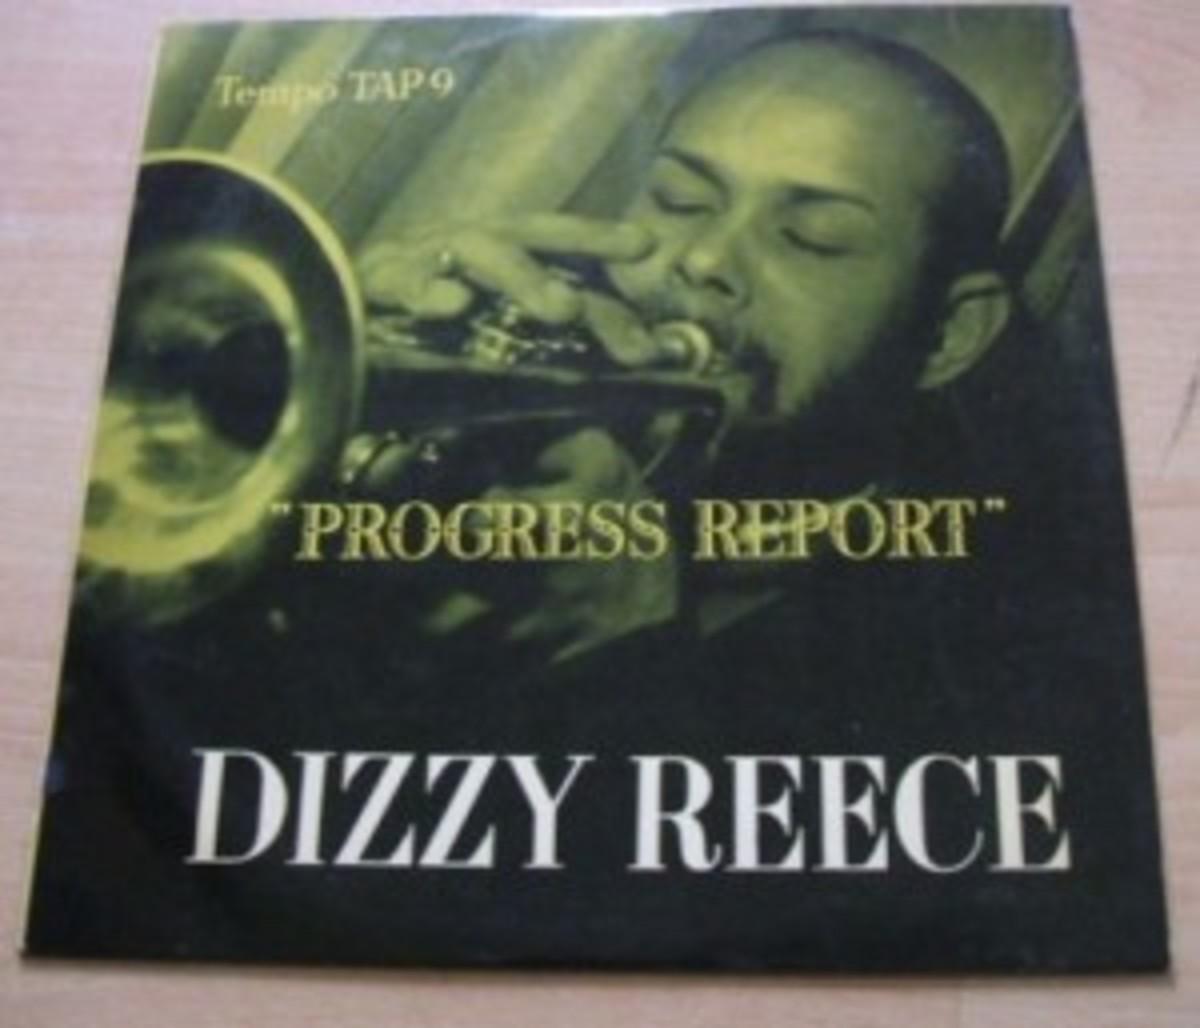 No. 7: Dizzy Reece LP